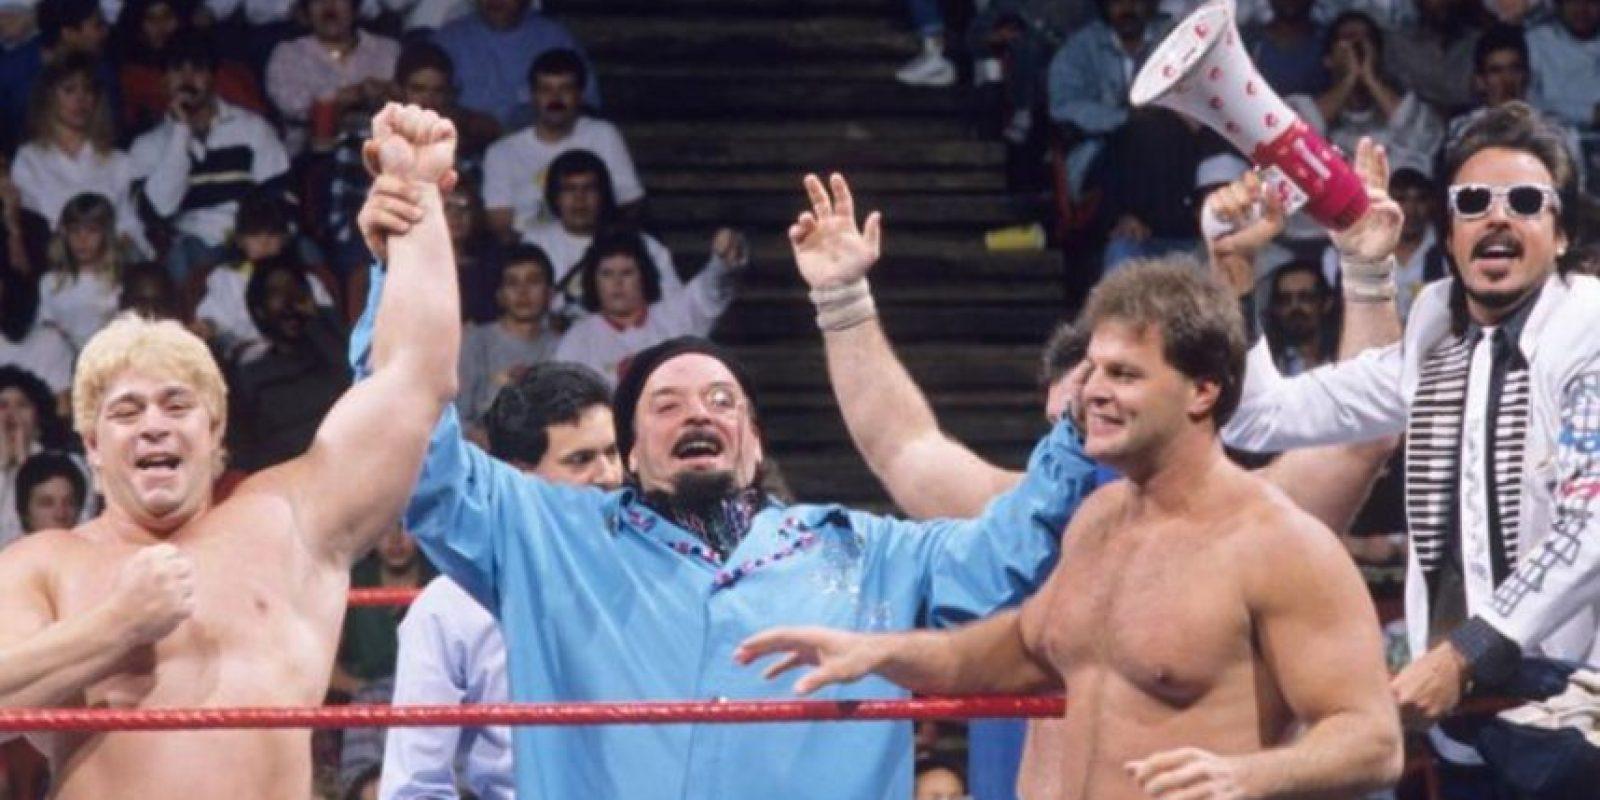 Murió Frenchy Martin, exestrella de WWE